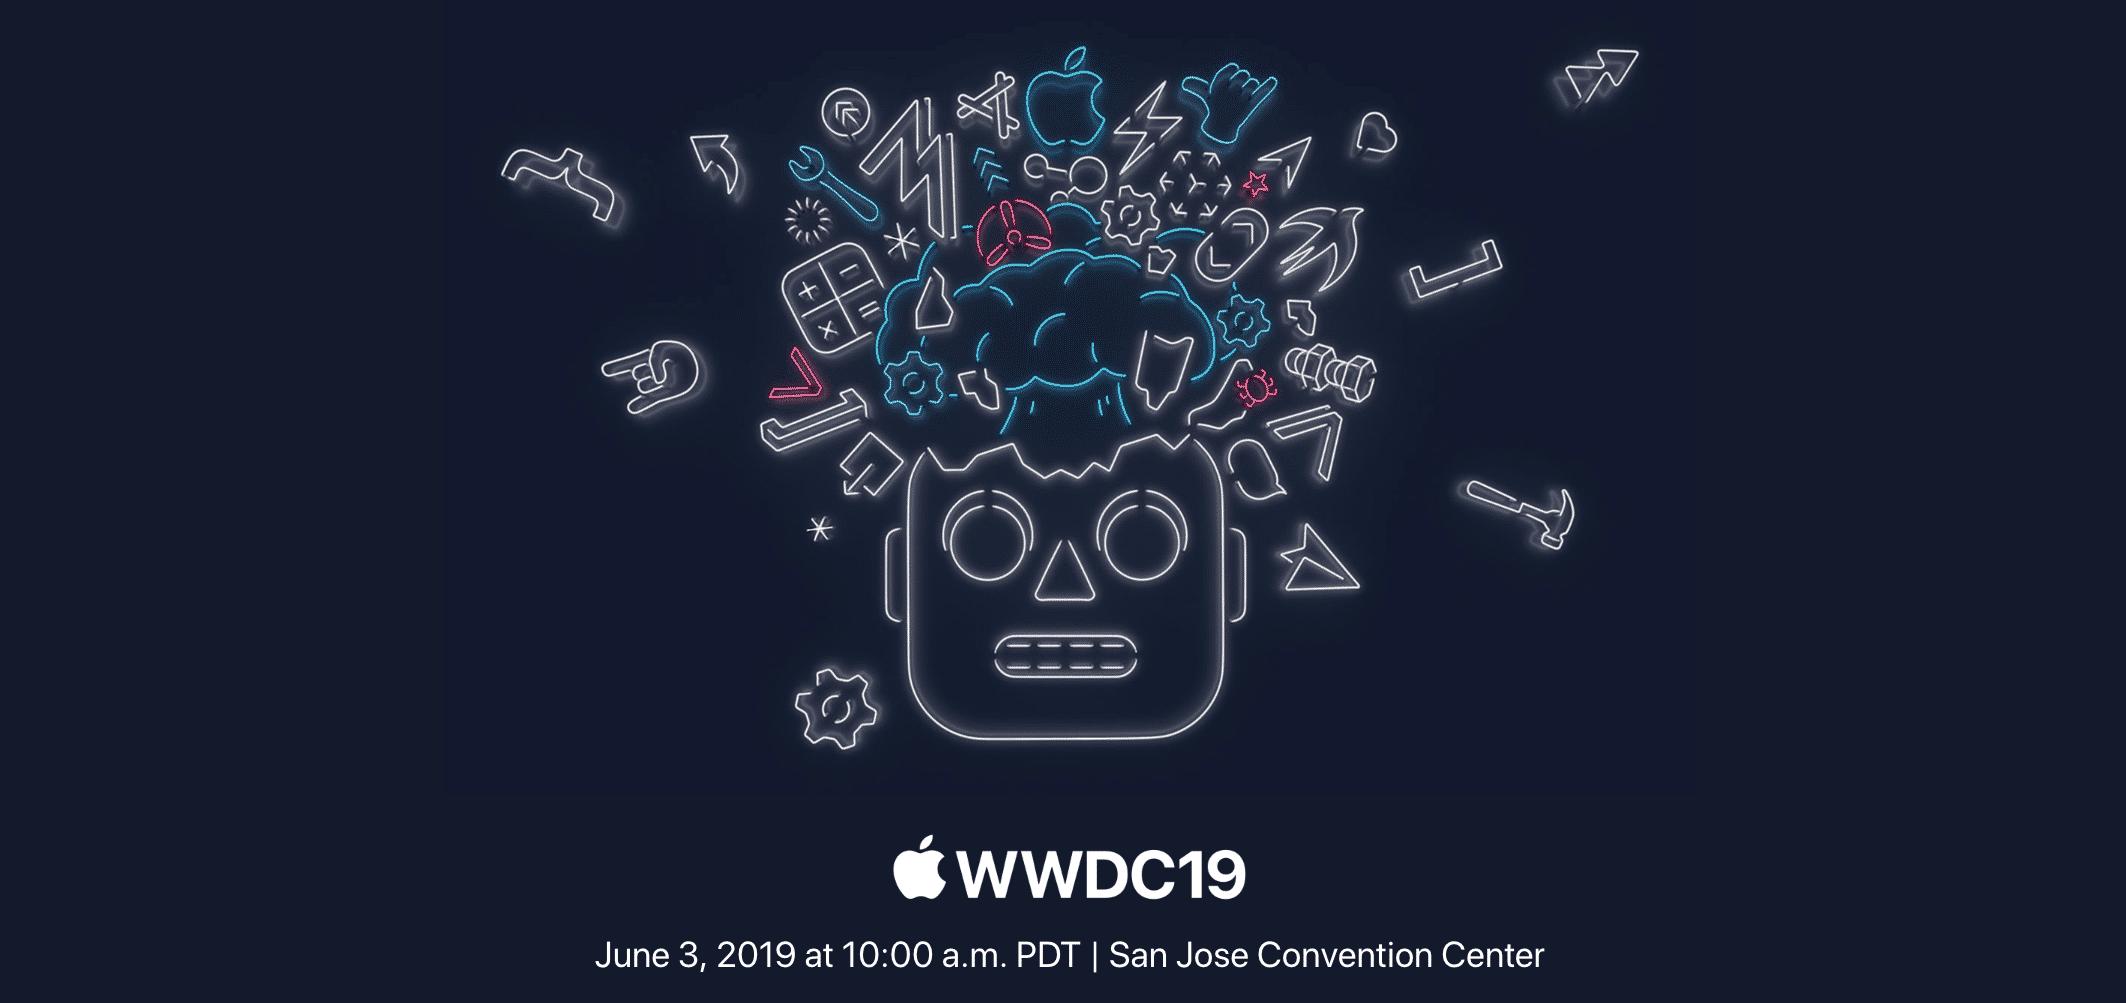 WWDC19 Keynote Live Stream